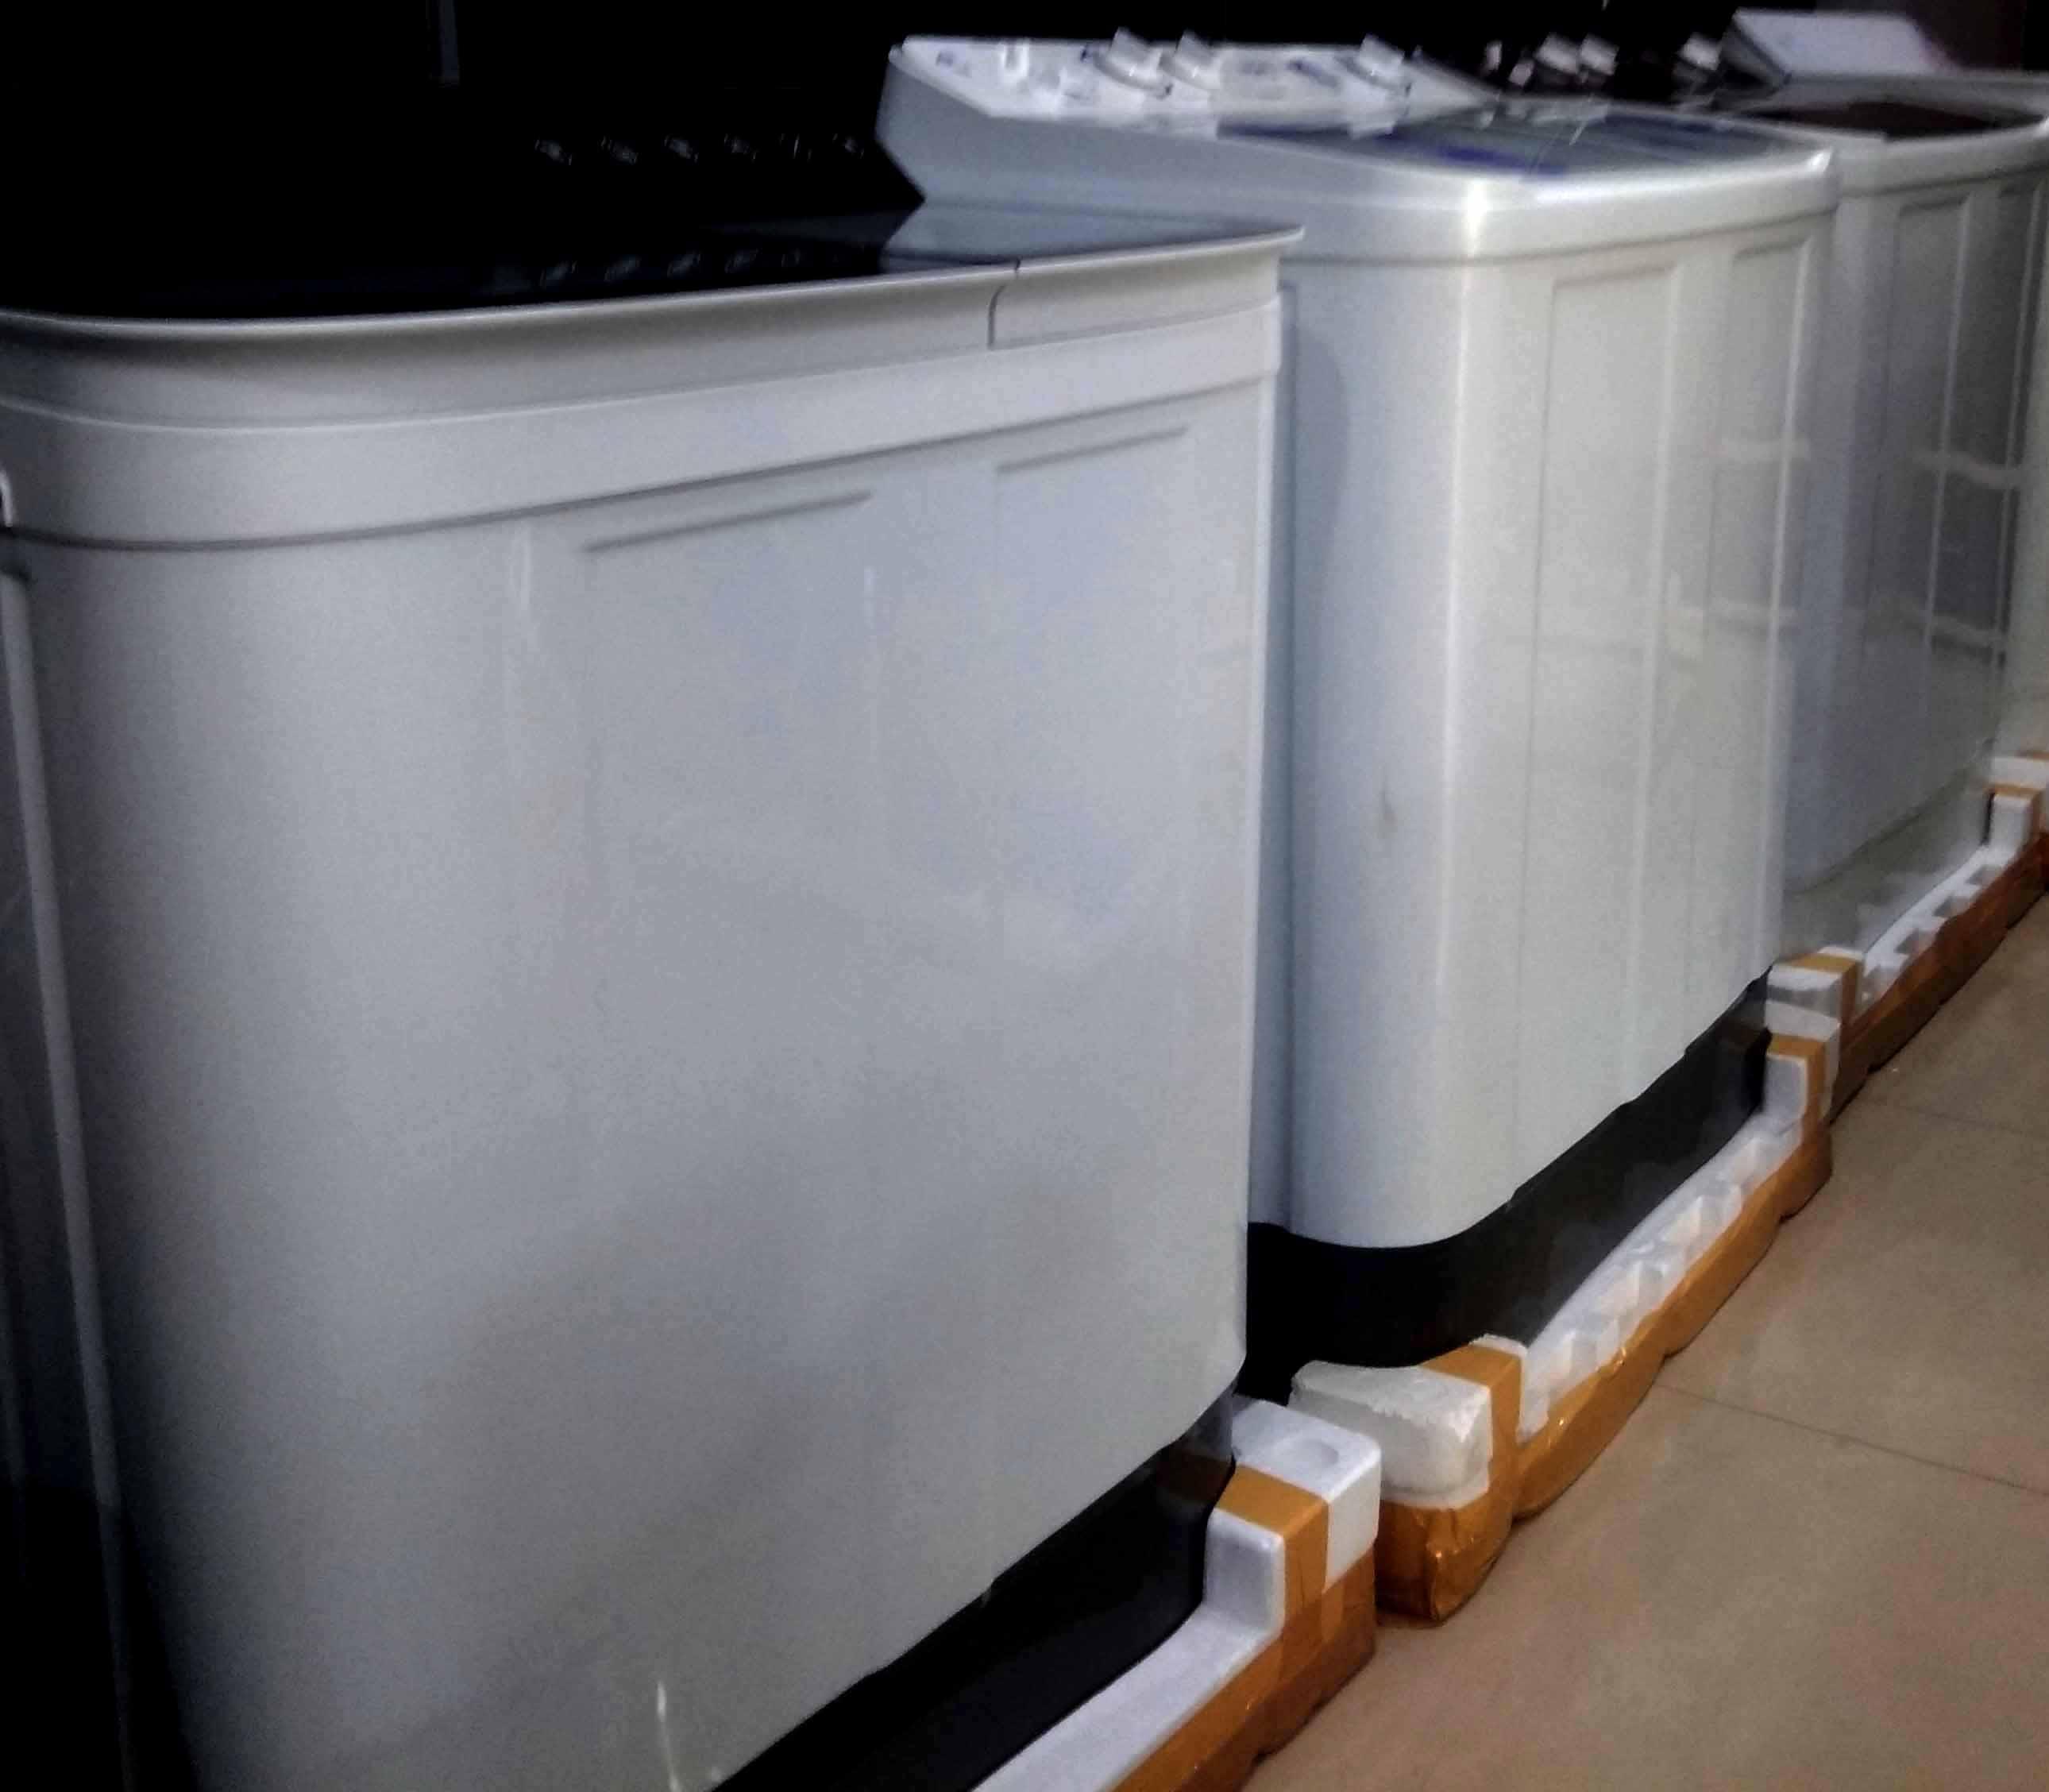 Best Whirlpool Washing Machine in India